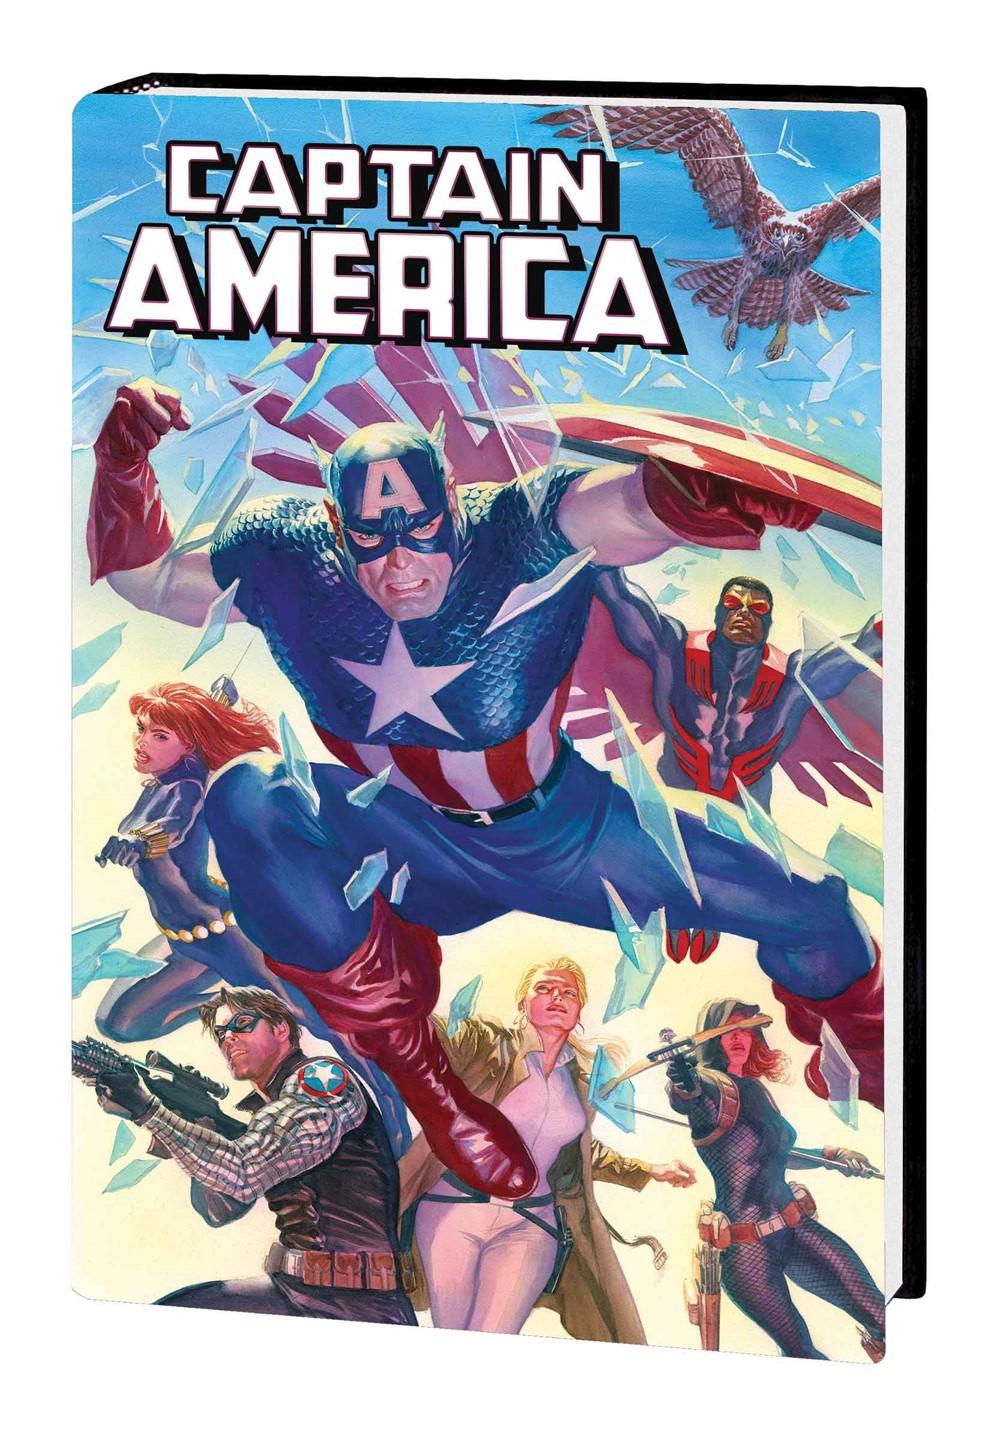 CAPTAM_VOL_2_HC Marvel Comics October 2021 Solicitations